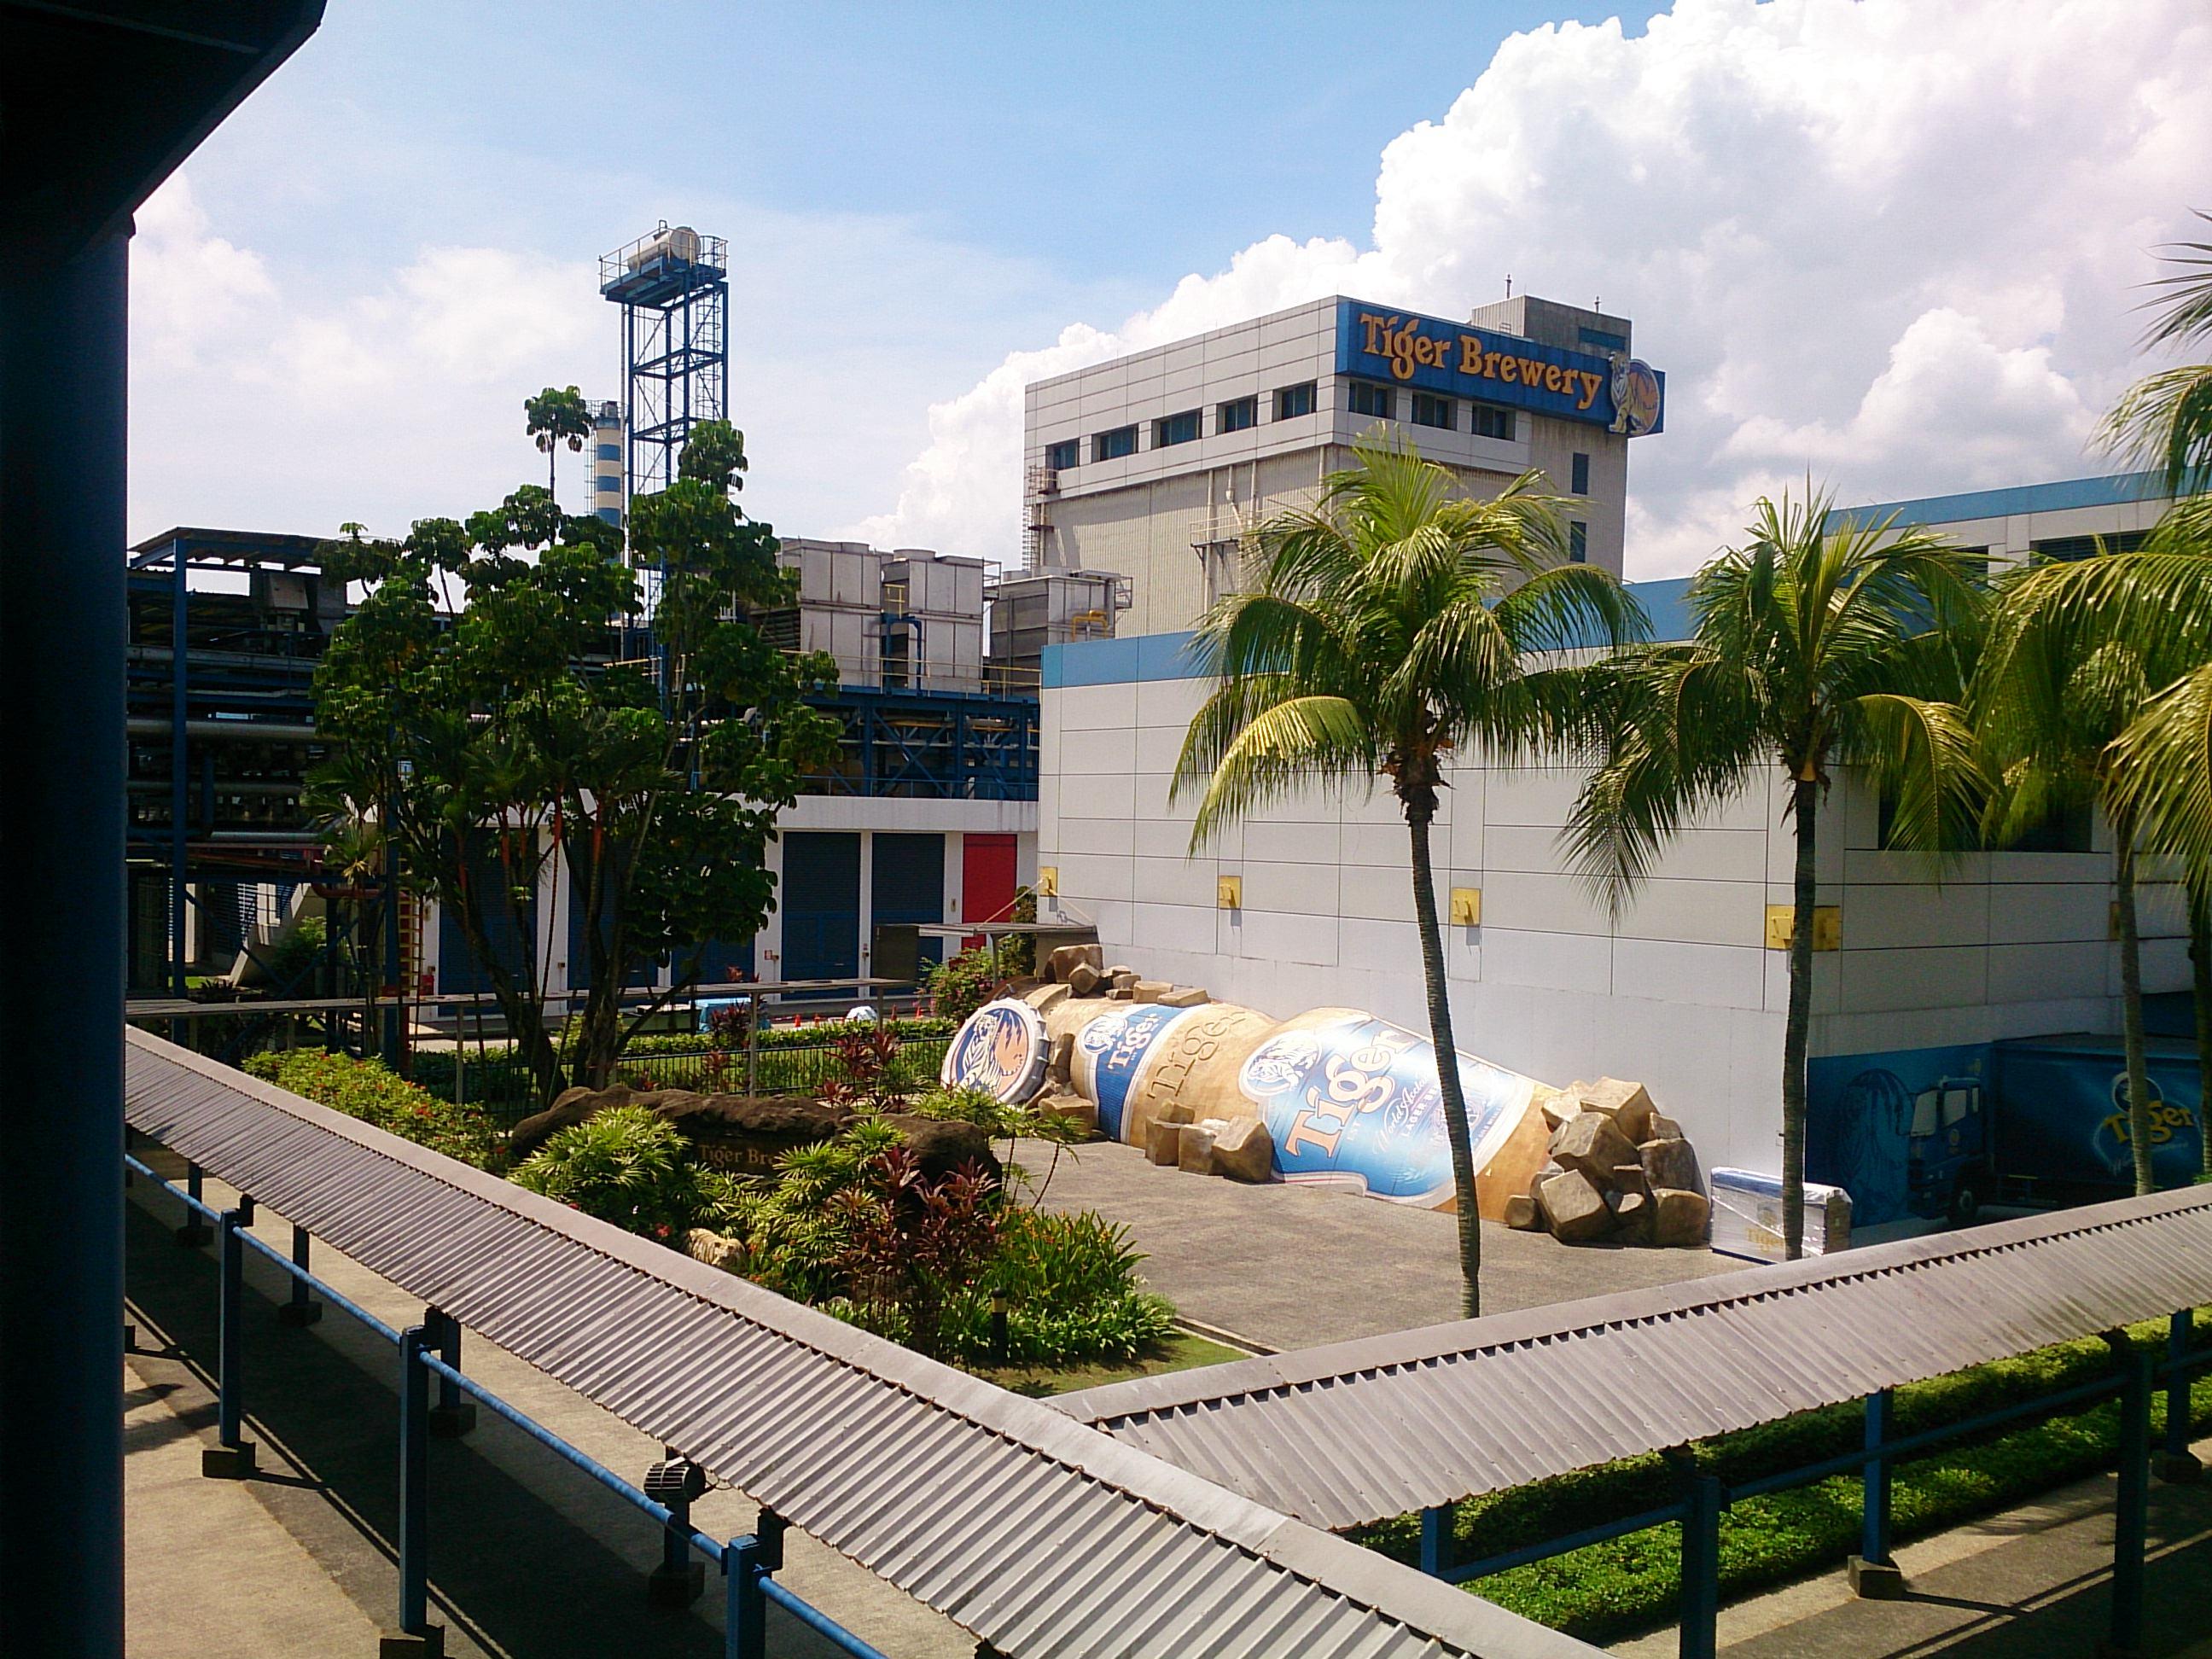 タイガービール工場見学でビールの飲み放題@シンガポール